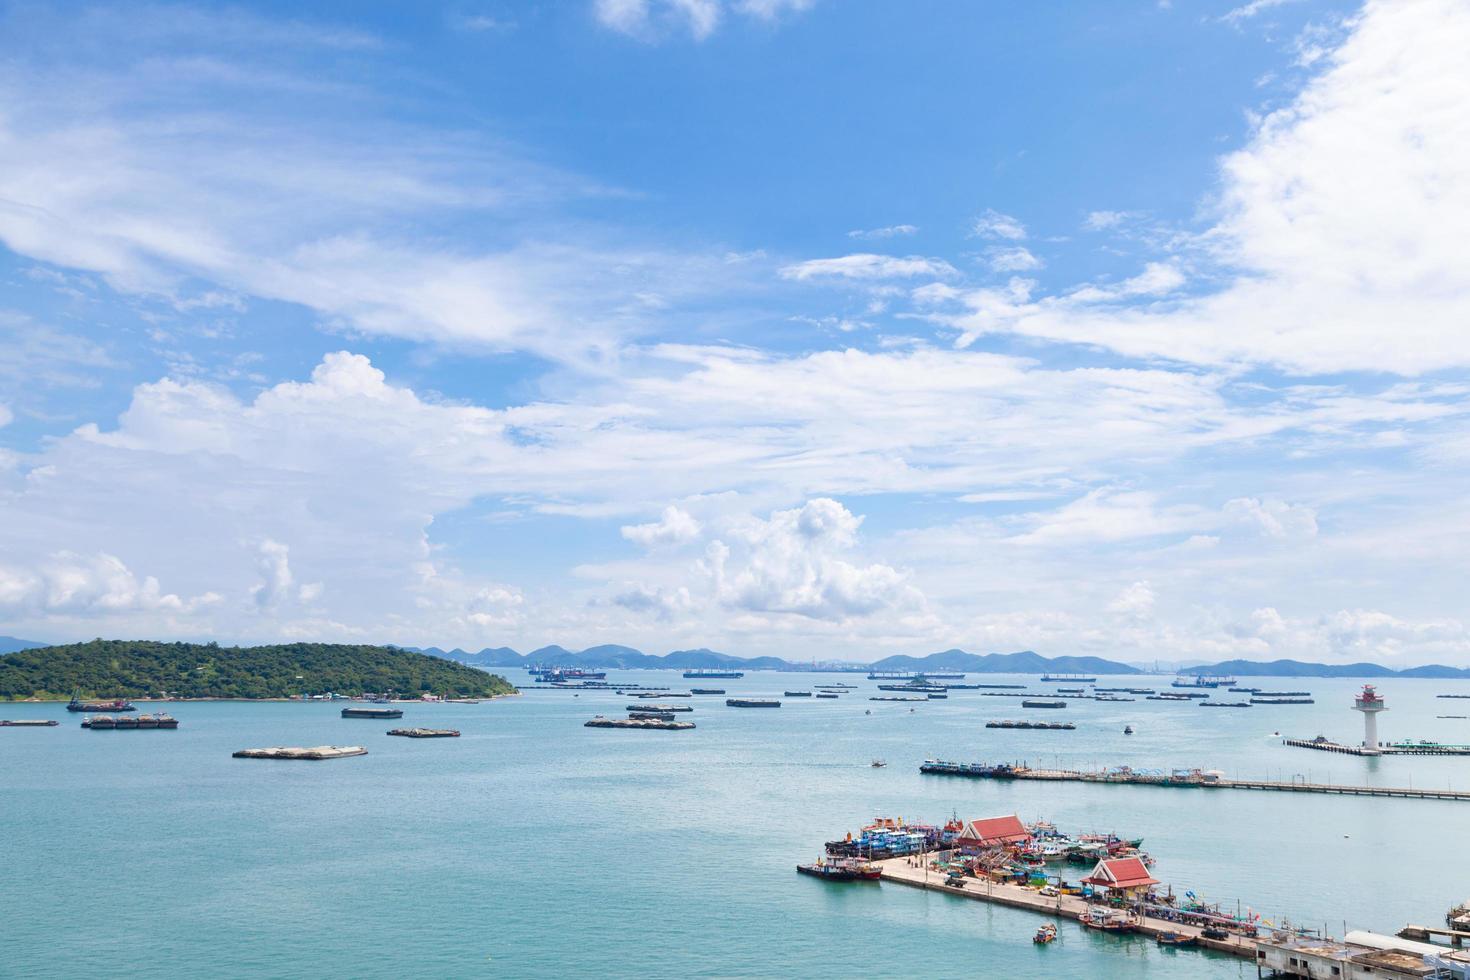 navi da carico sul mare foto